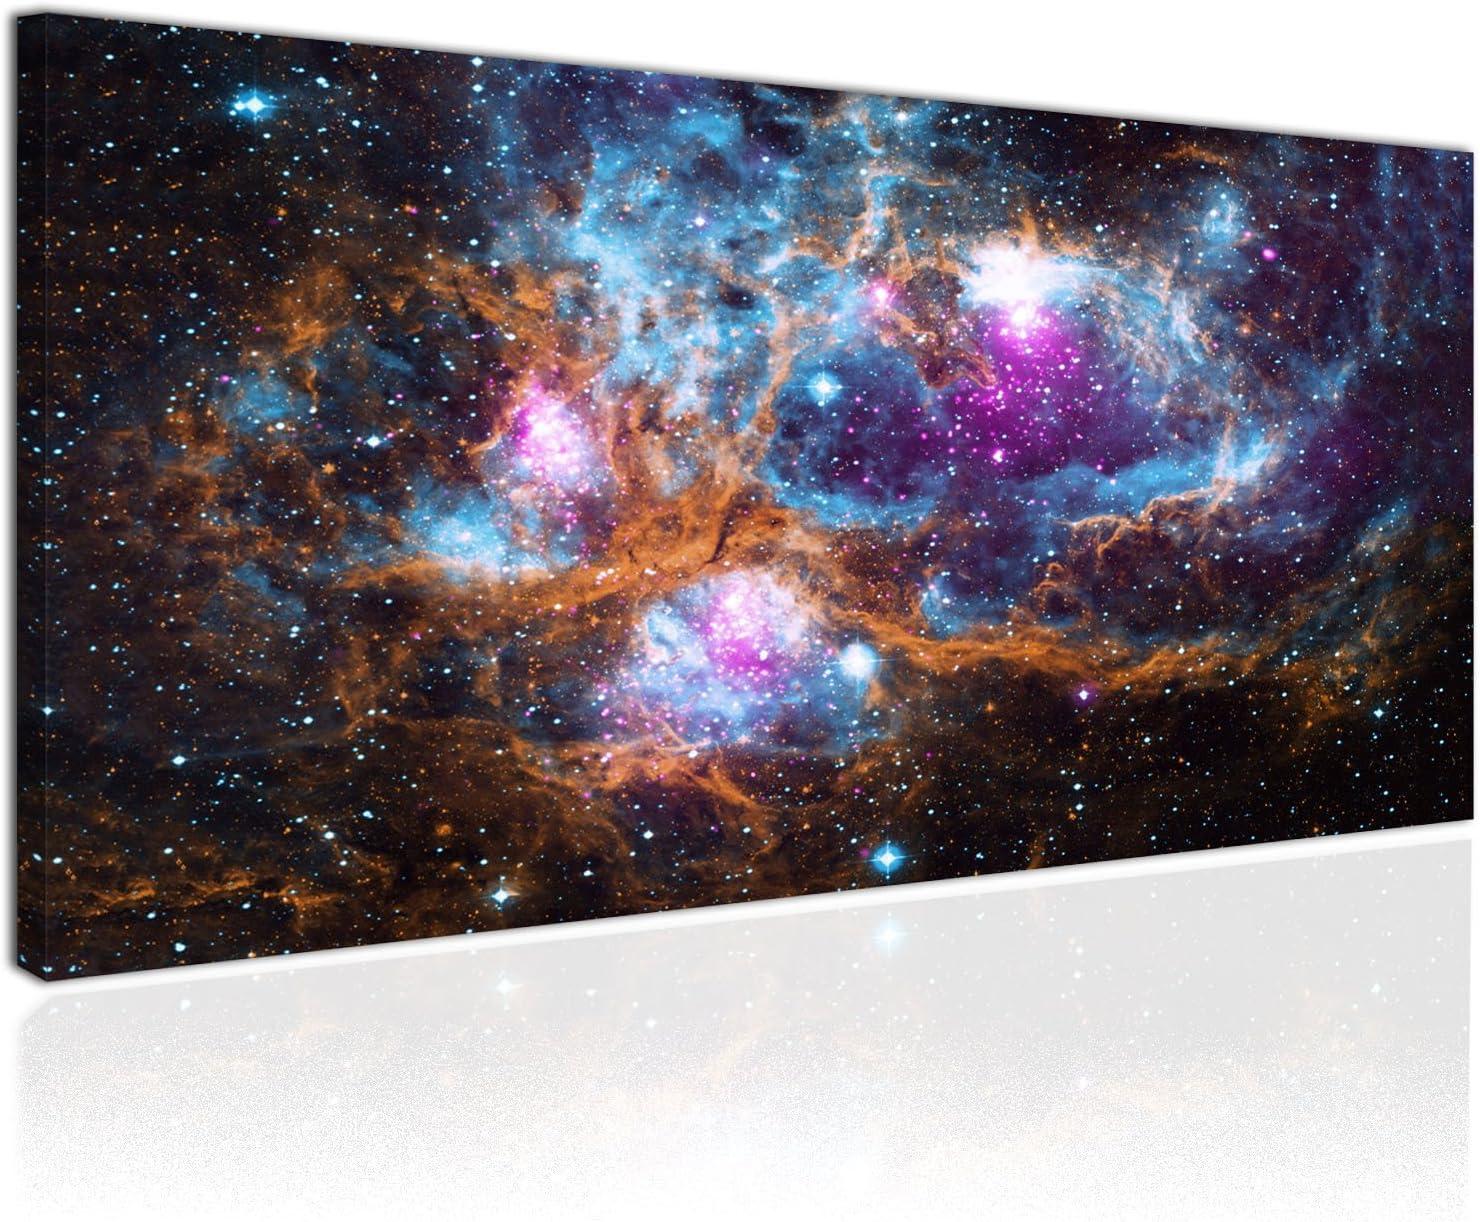 Cuadro XXL en Lienzo, Imagen Panorámica 100x50cm, Galaxia y Constelaciones - Universo de Estrellas y Planetas - Decoración de Pared, Listo para Colgar